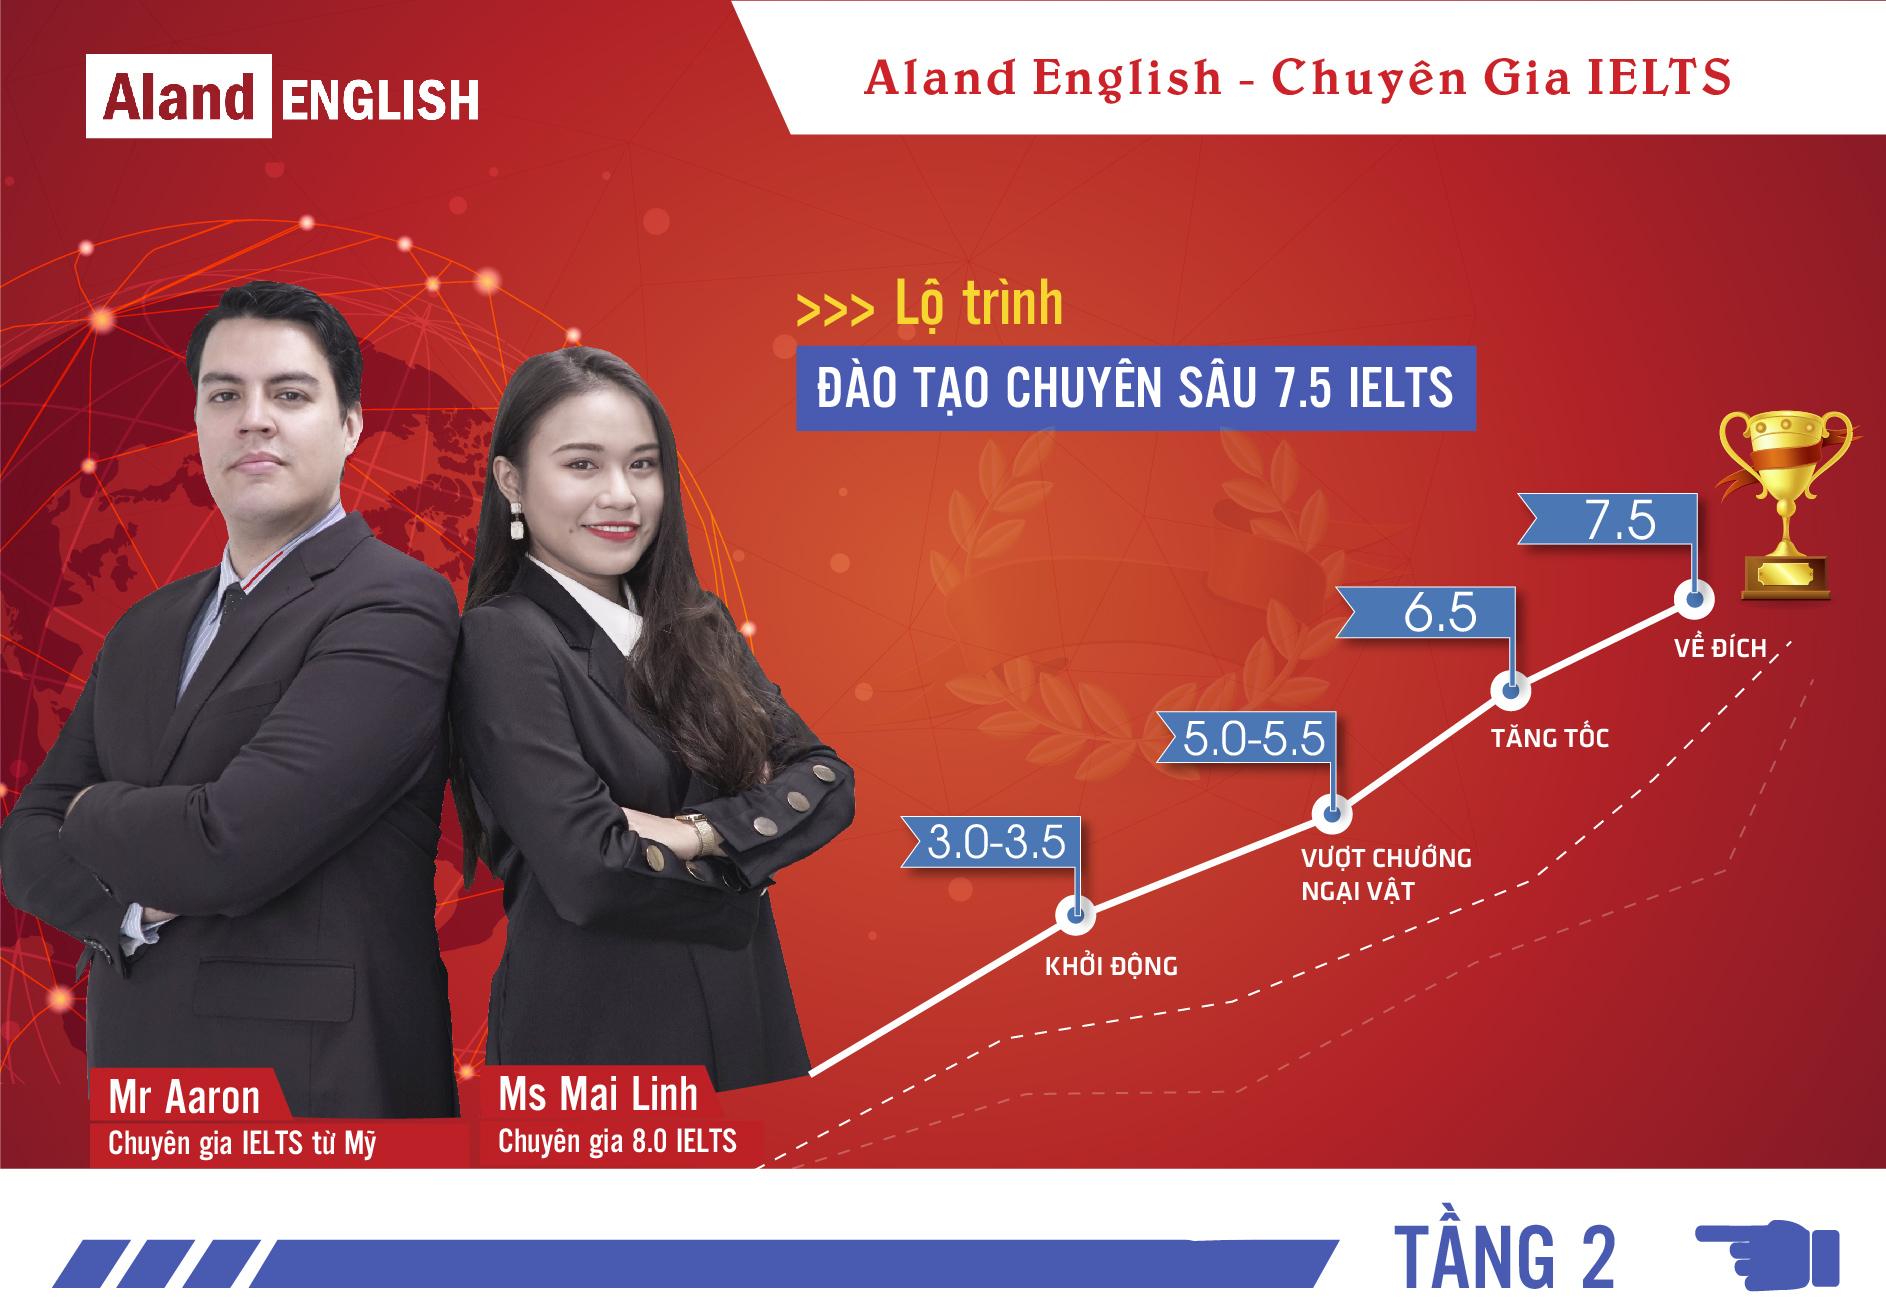 Lộ trình đào tạo IELTS chuyên sâu tại Aland English